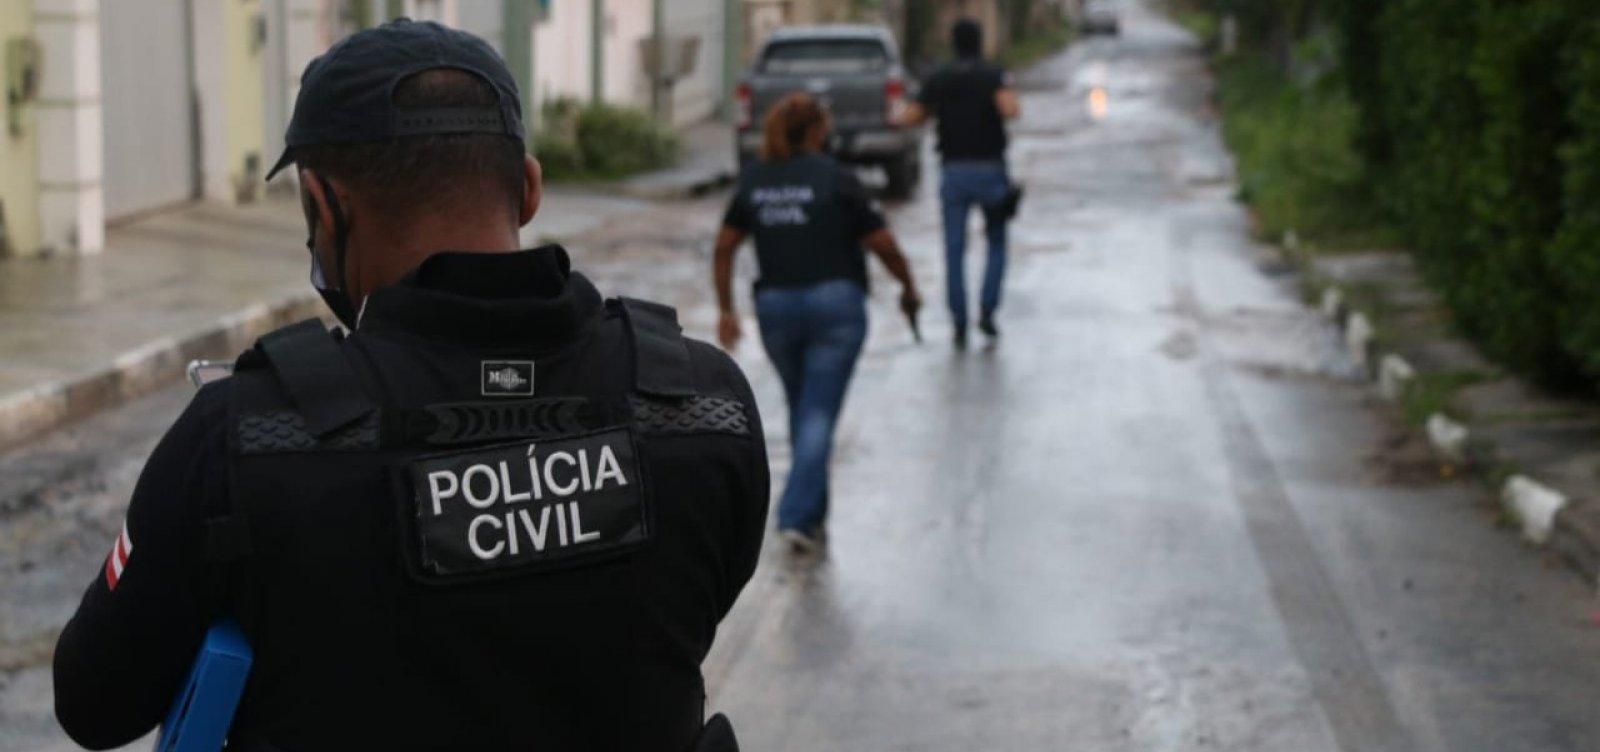 [Operação da Polícia Civil desarticula esquema de venda de drogas por universitários na Bahia]